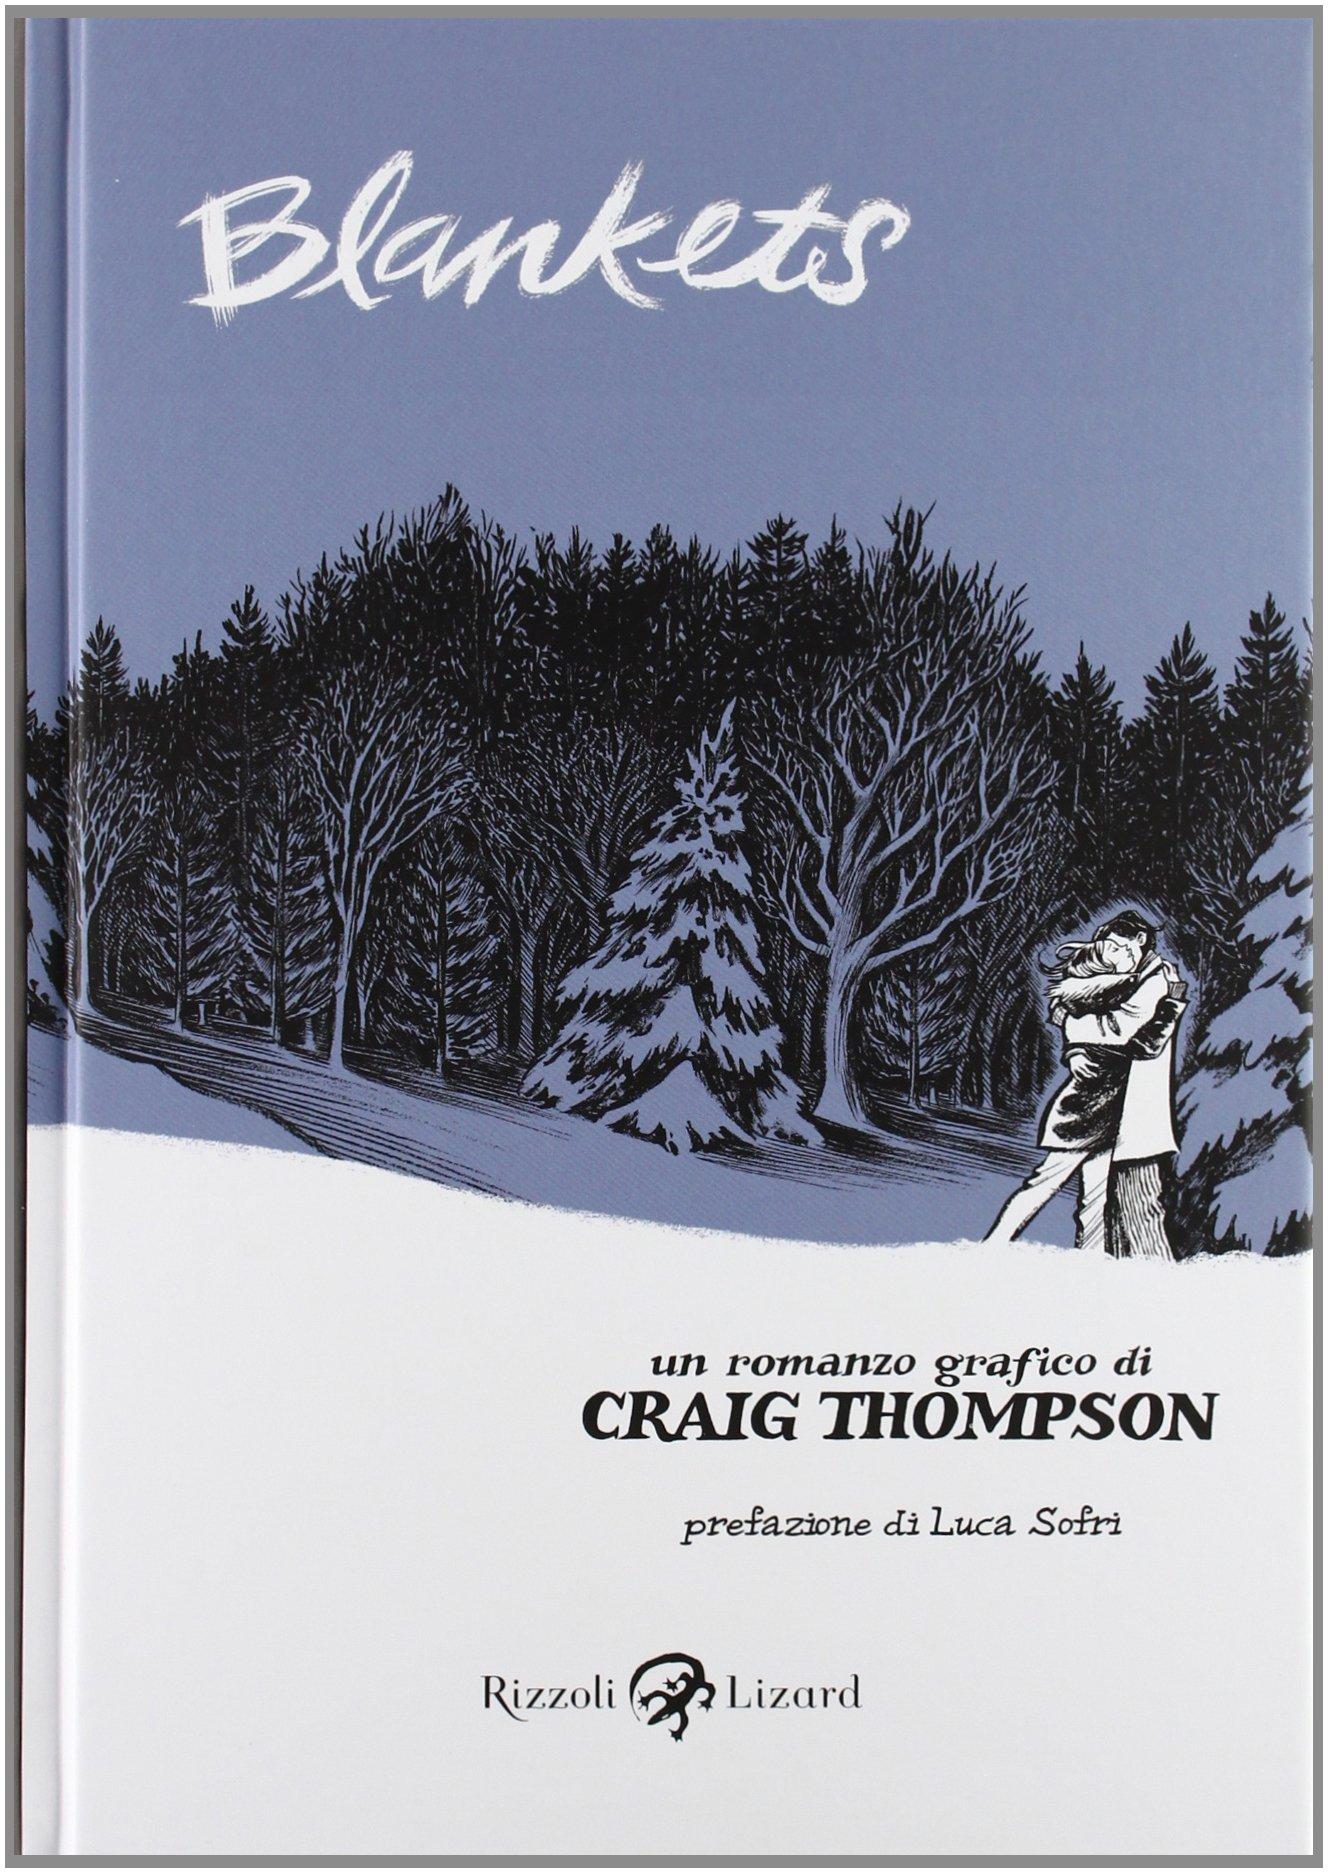 Copertina di Blankets - Craig Thompson